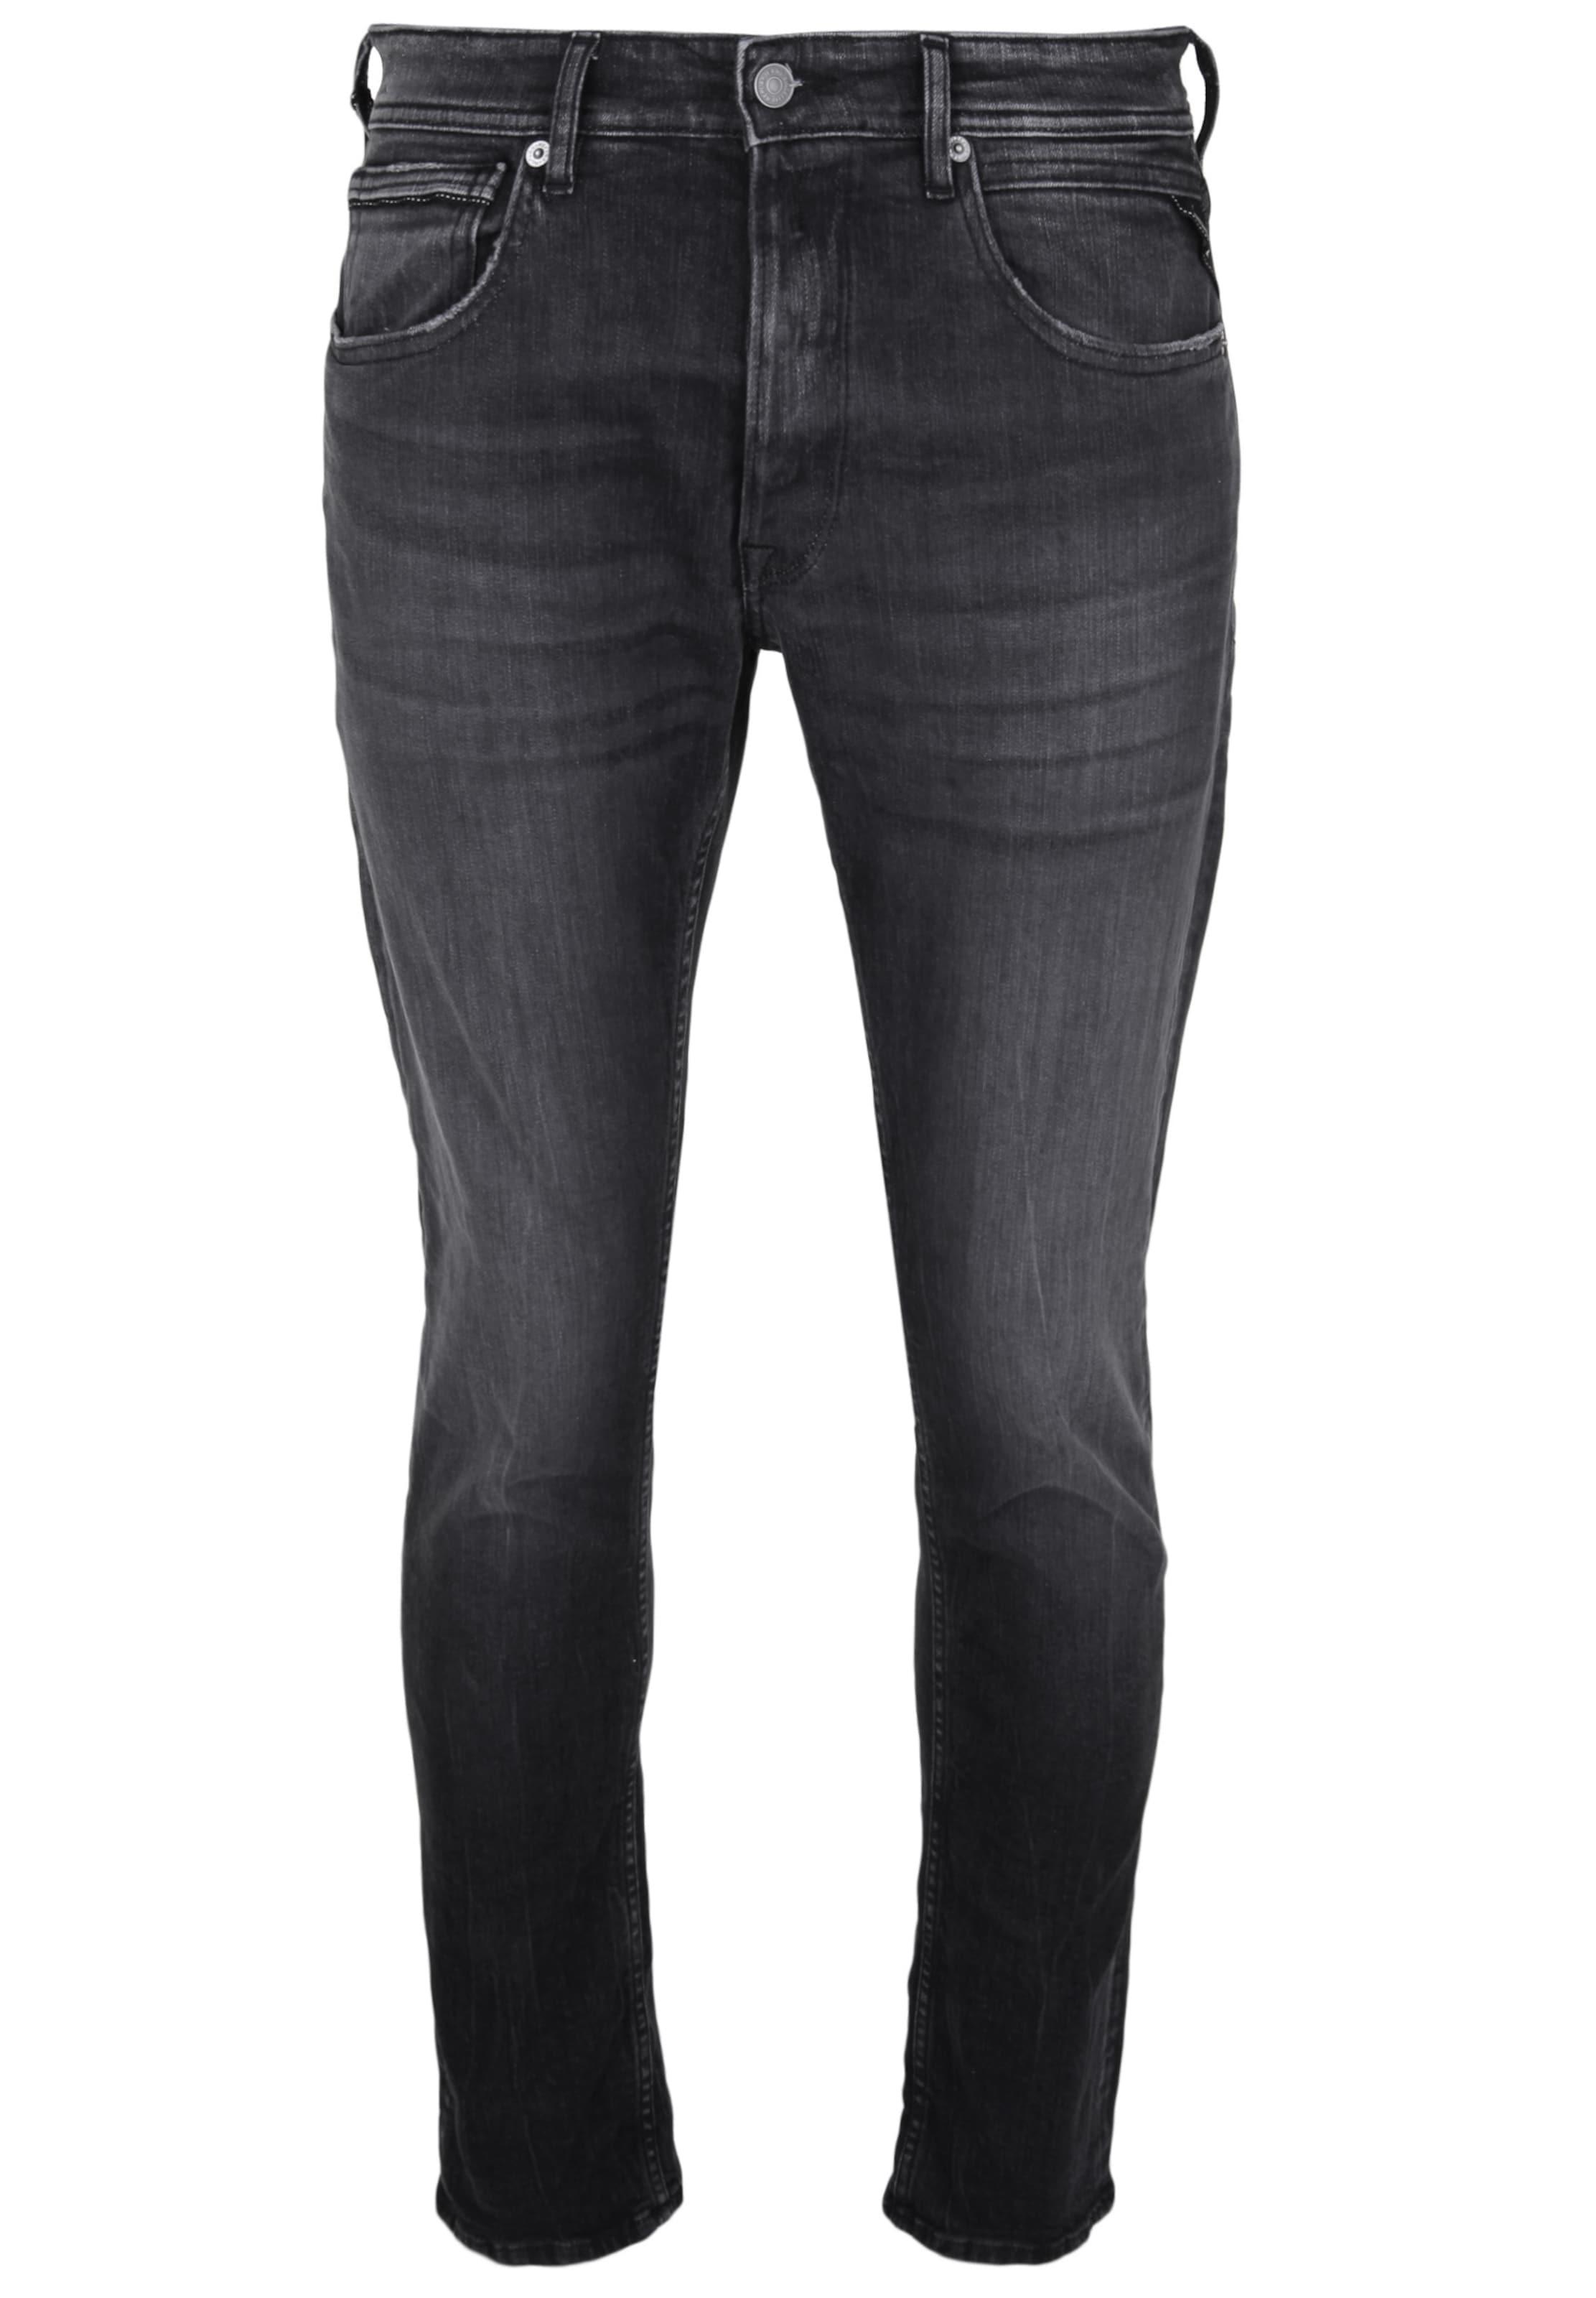 Denim Replay Jeans In 'grover' Black T1cFJ3uKl